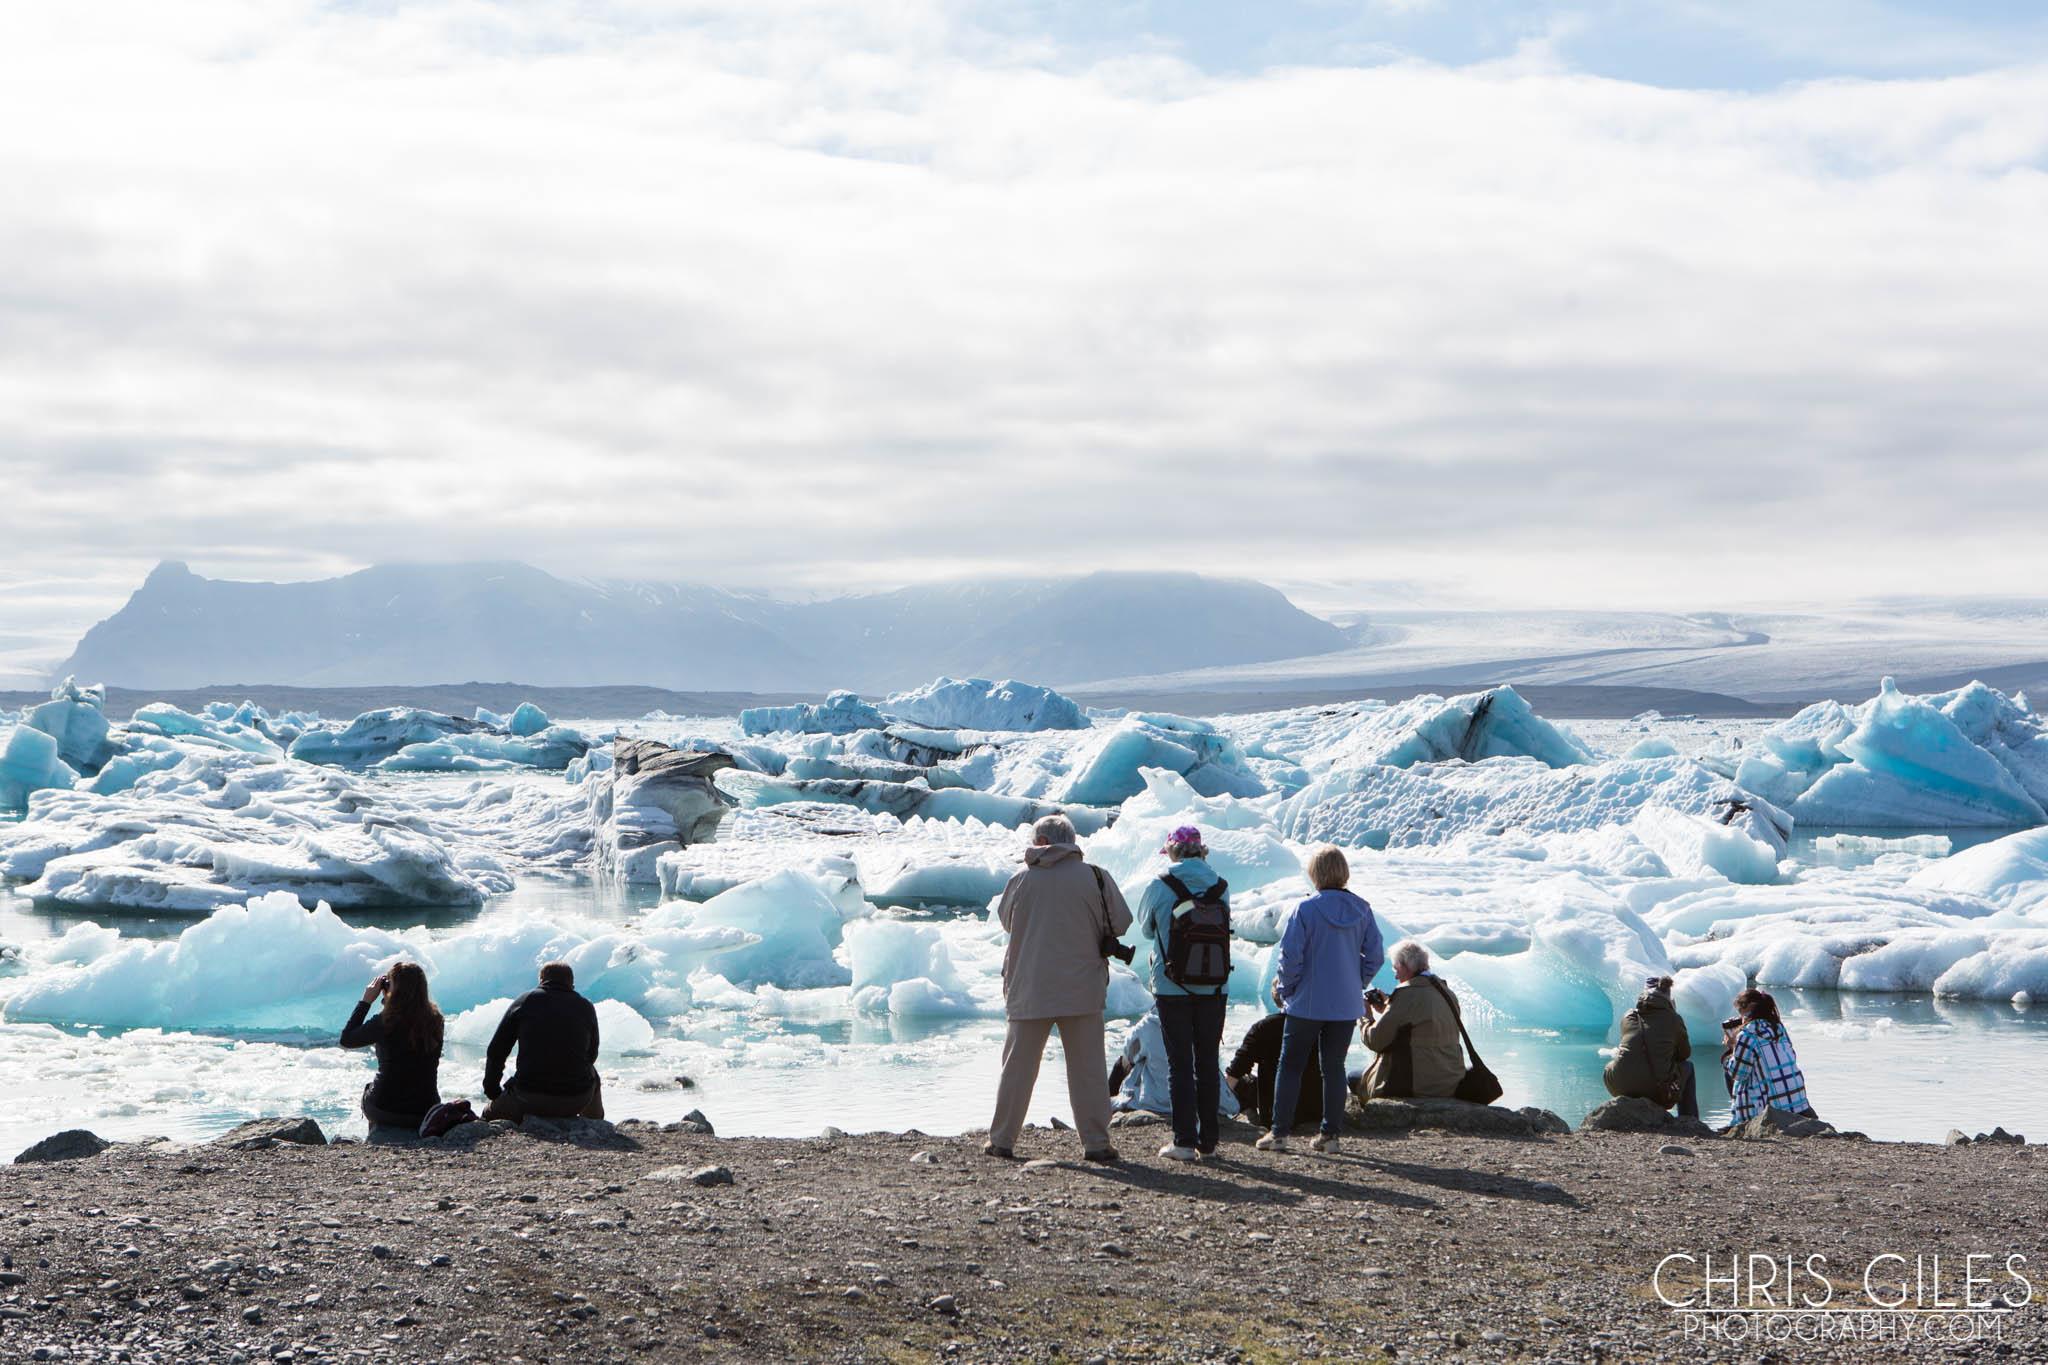 Jokulsarlen Iceberg Lagoon